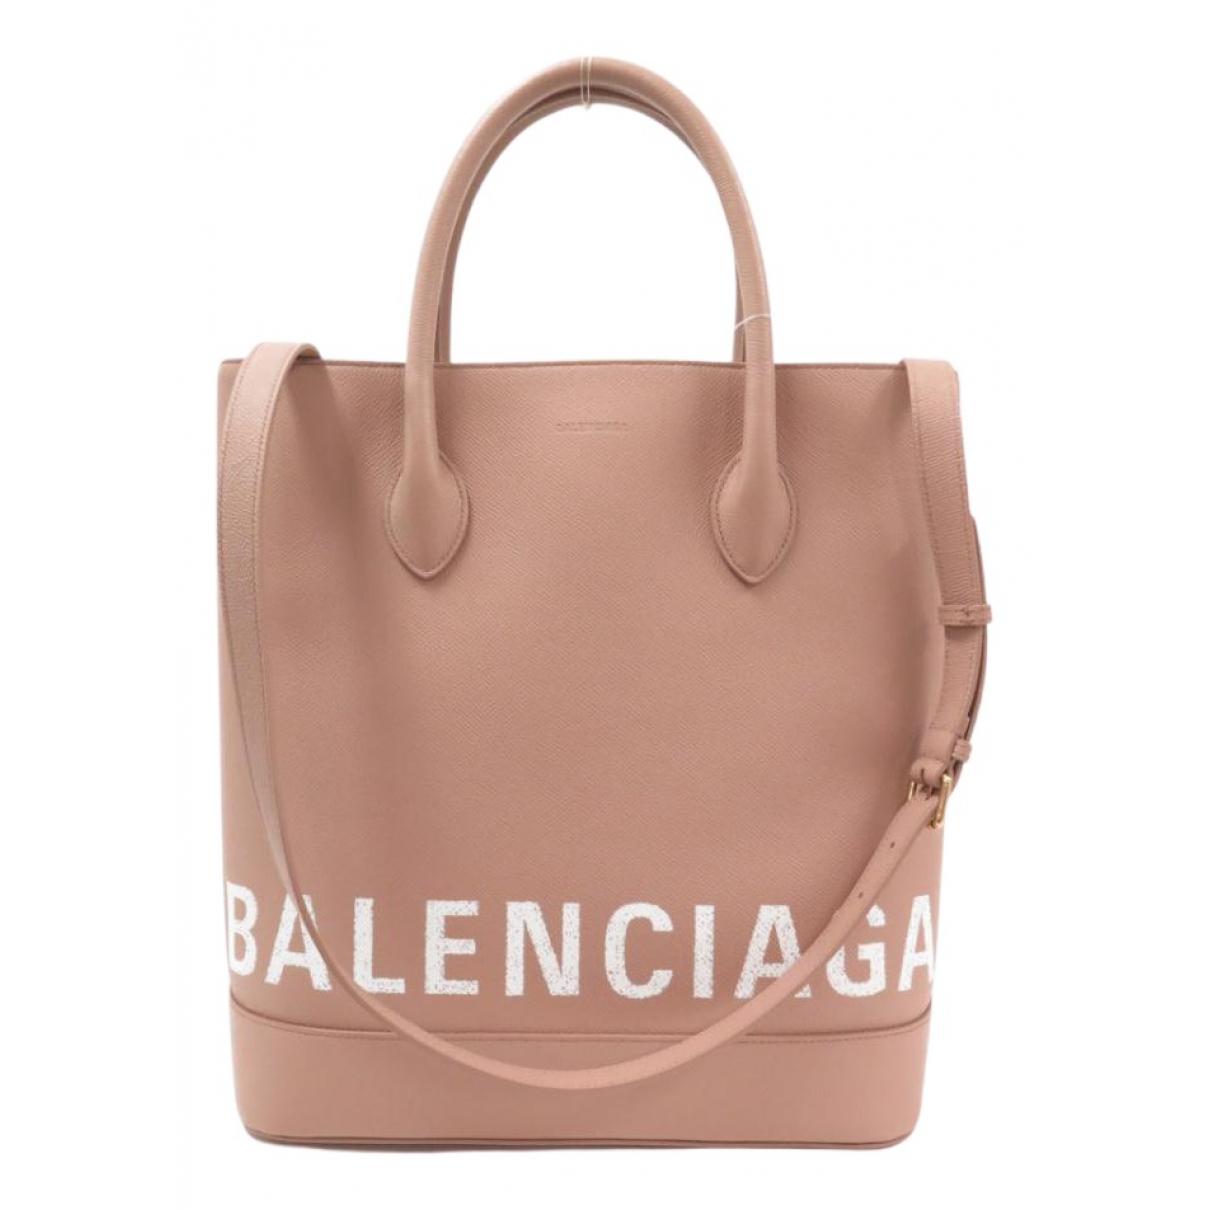 Balenciaga - Sac a main   pour femme en cuir